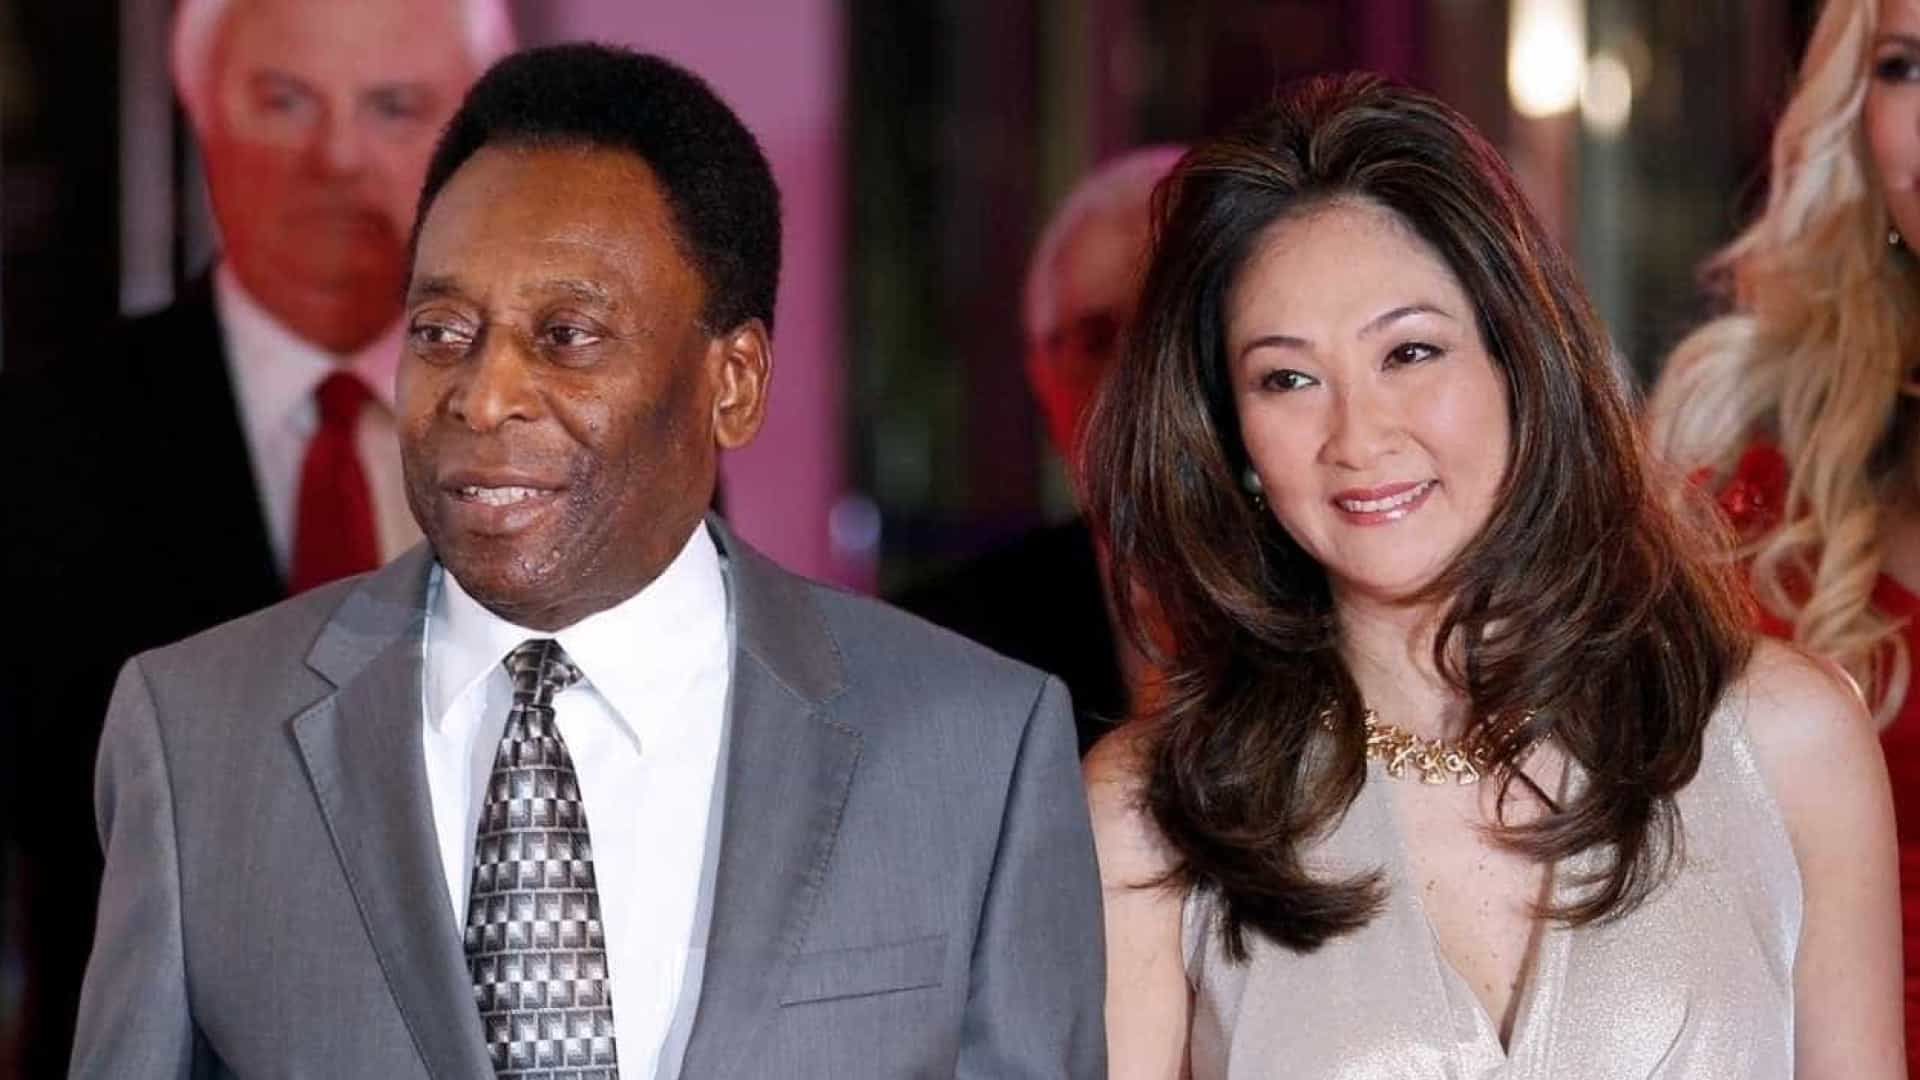 Pelé se casará neste sábado em uma cerimônia ao estilo britânico